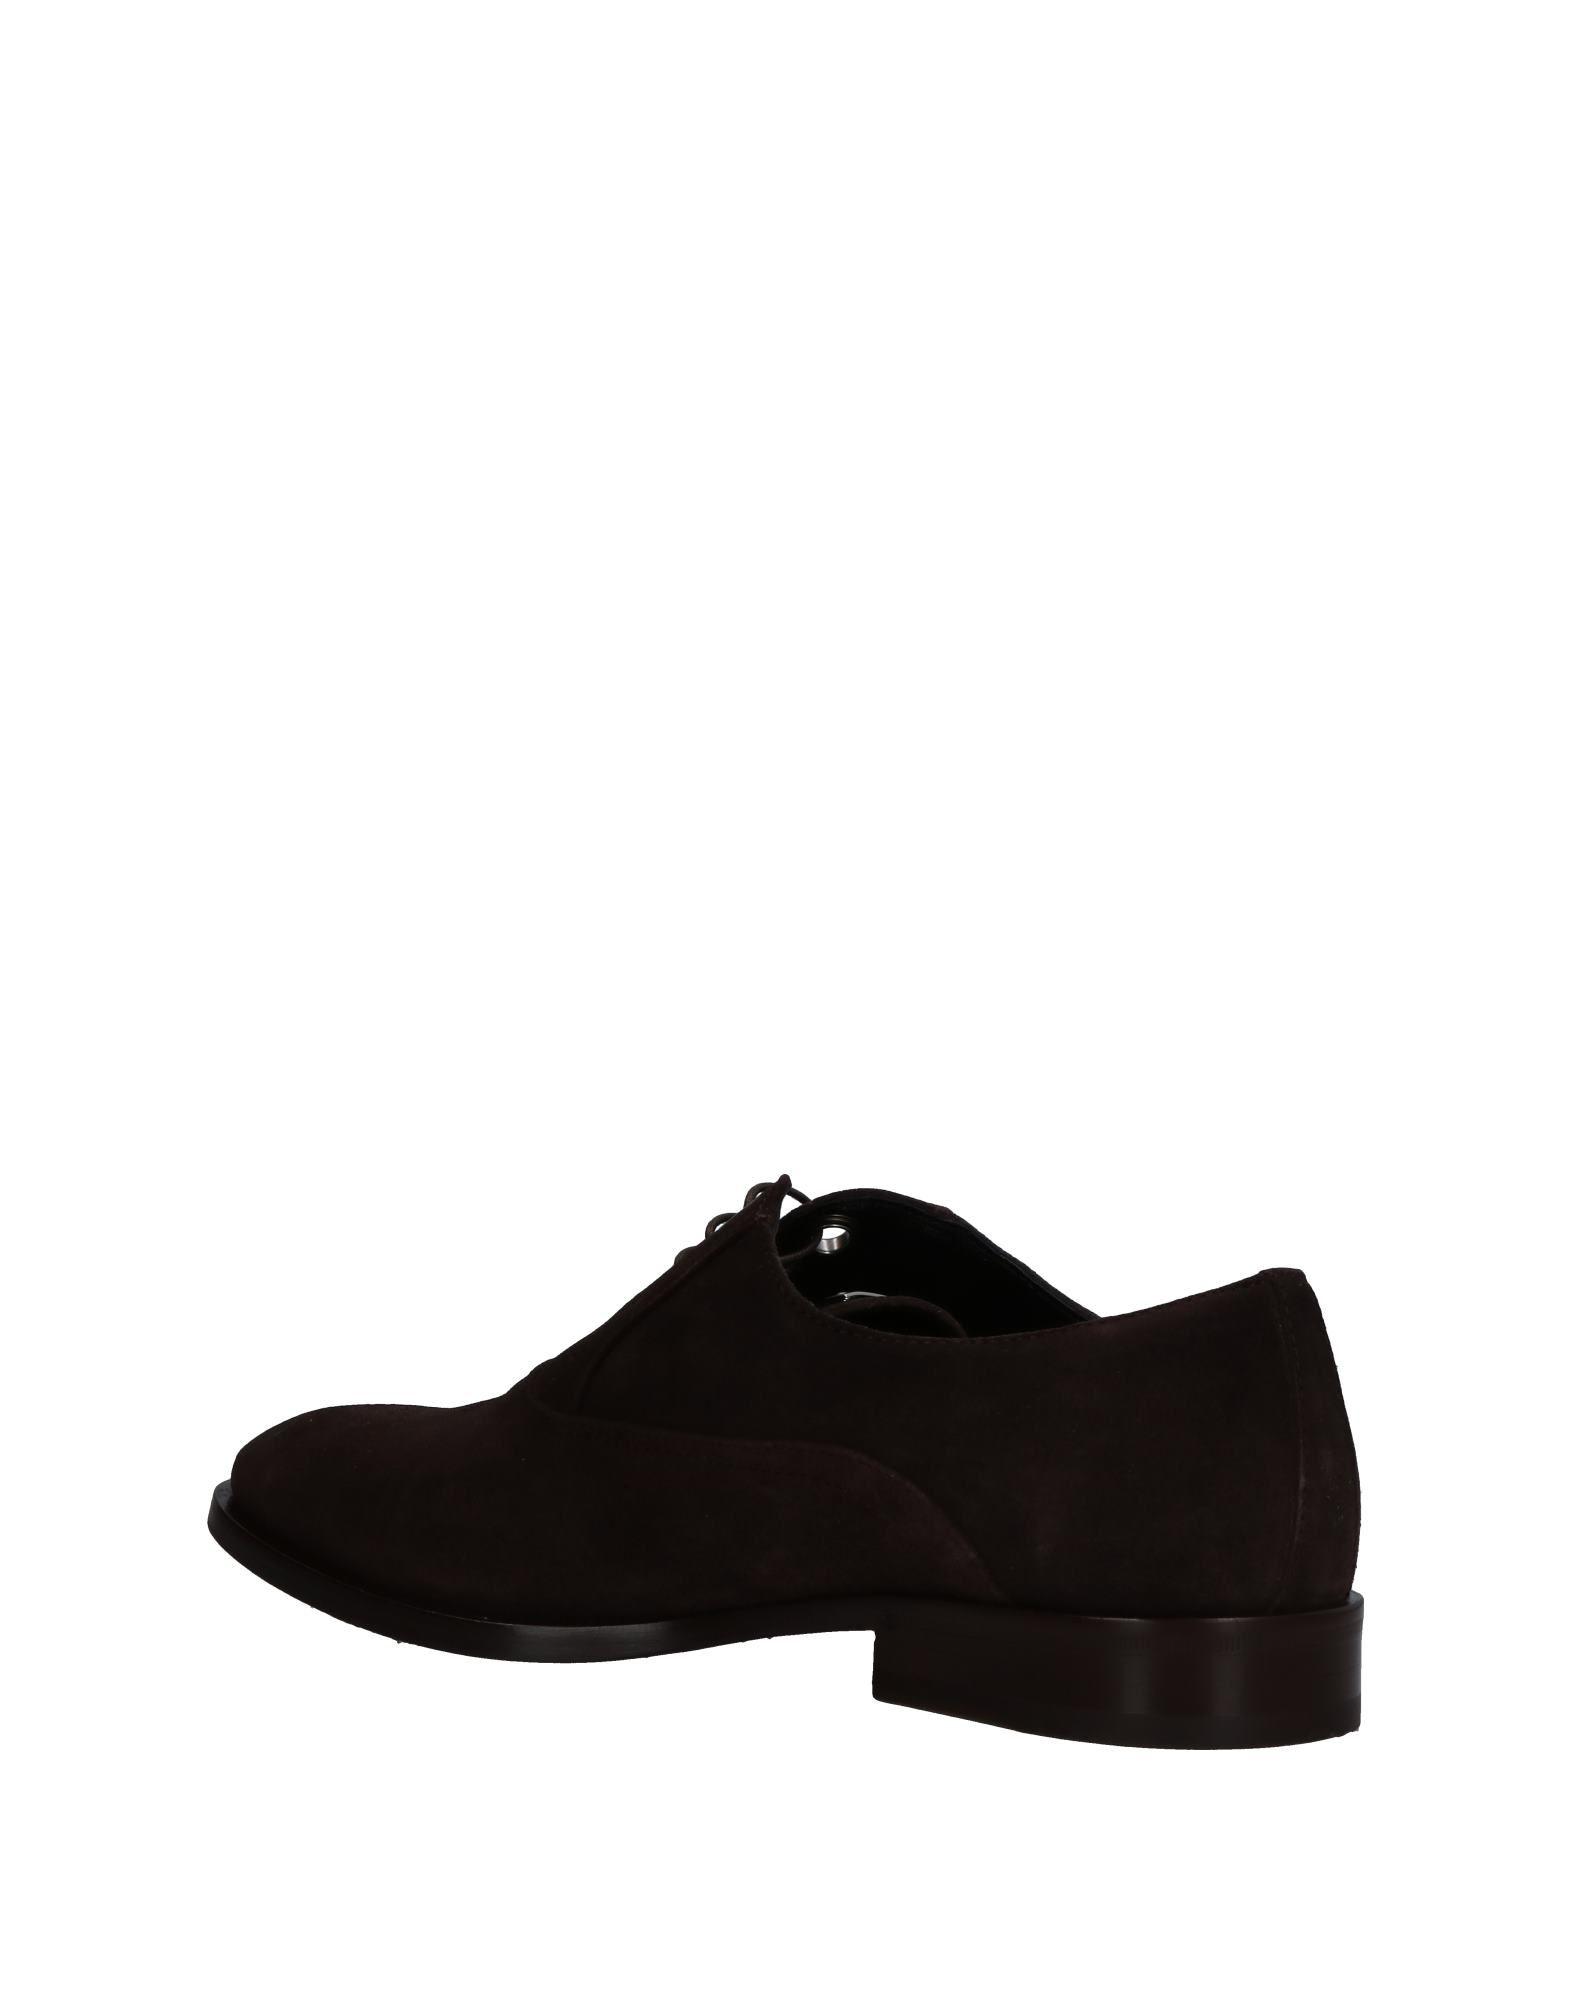 Chaussures - Chaussures À Lacets Alessandro Dellacqua 93xK1cUZr